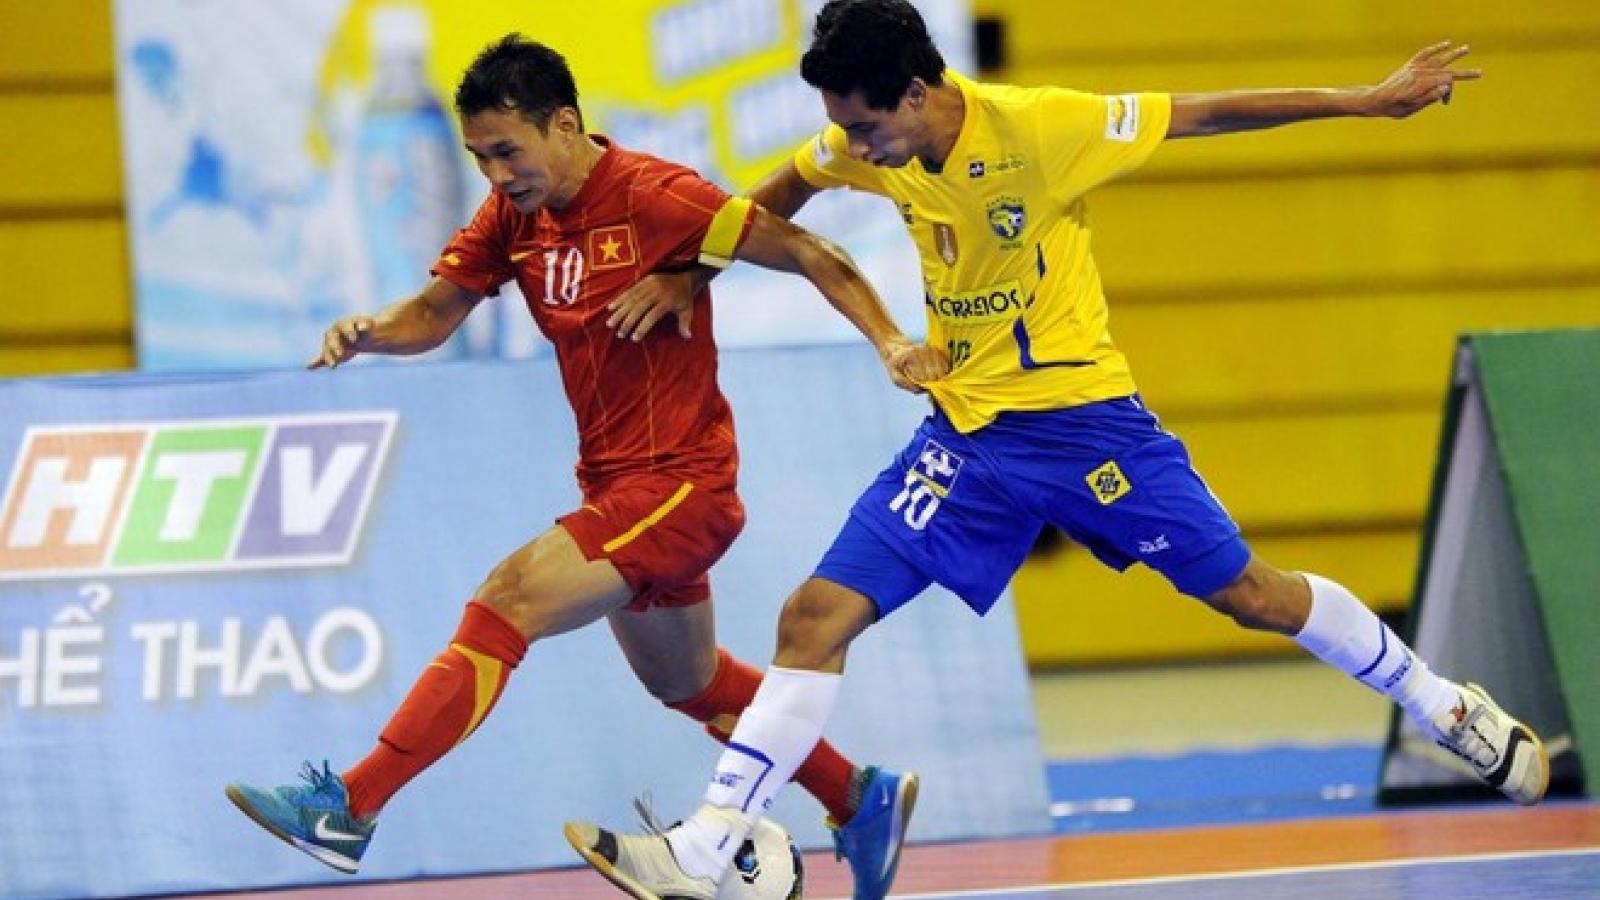 ĐT Futsal Việt Nam từng thắng Brazil 3-2 như thế nào?